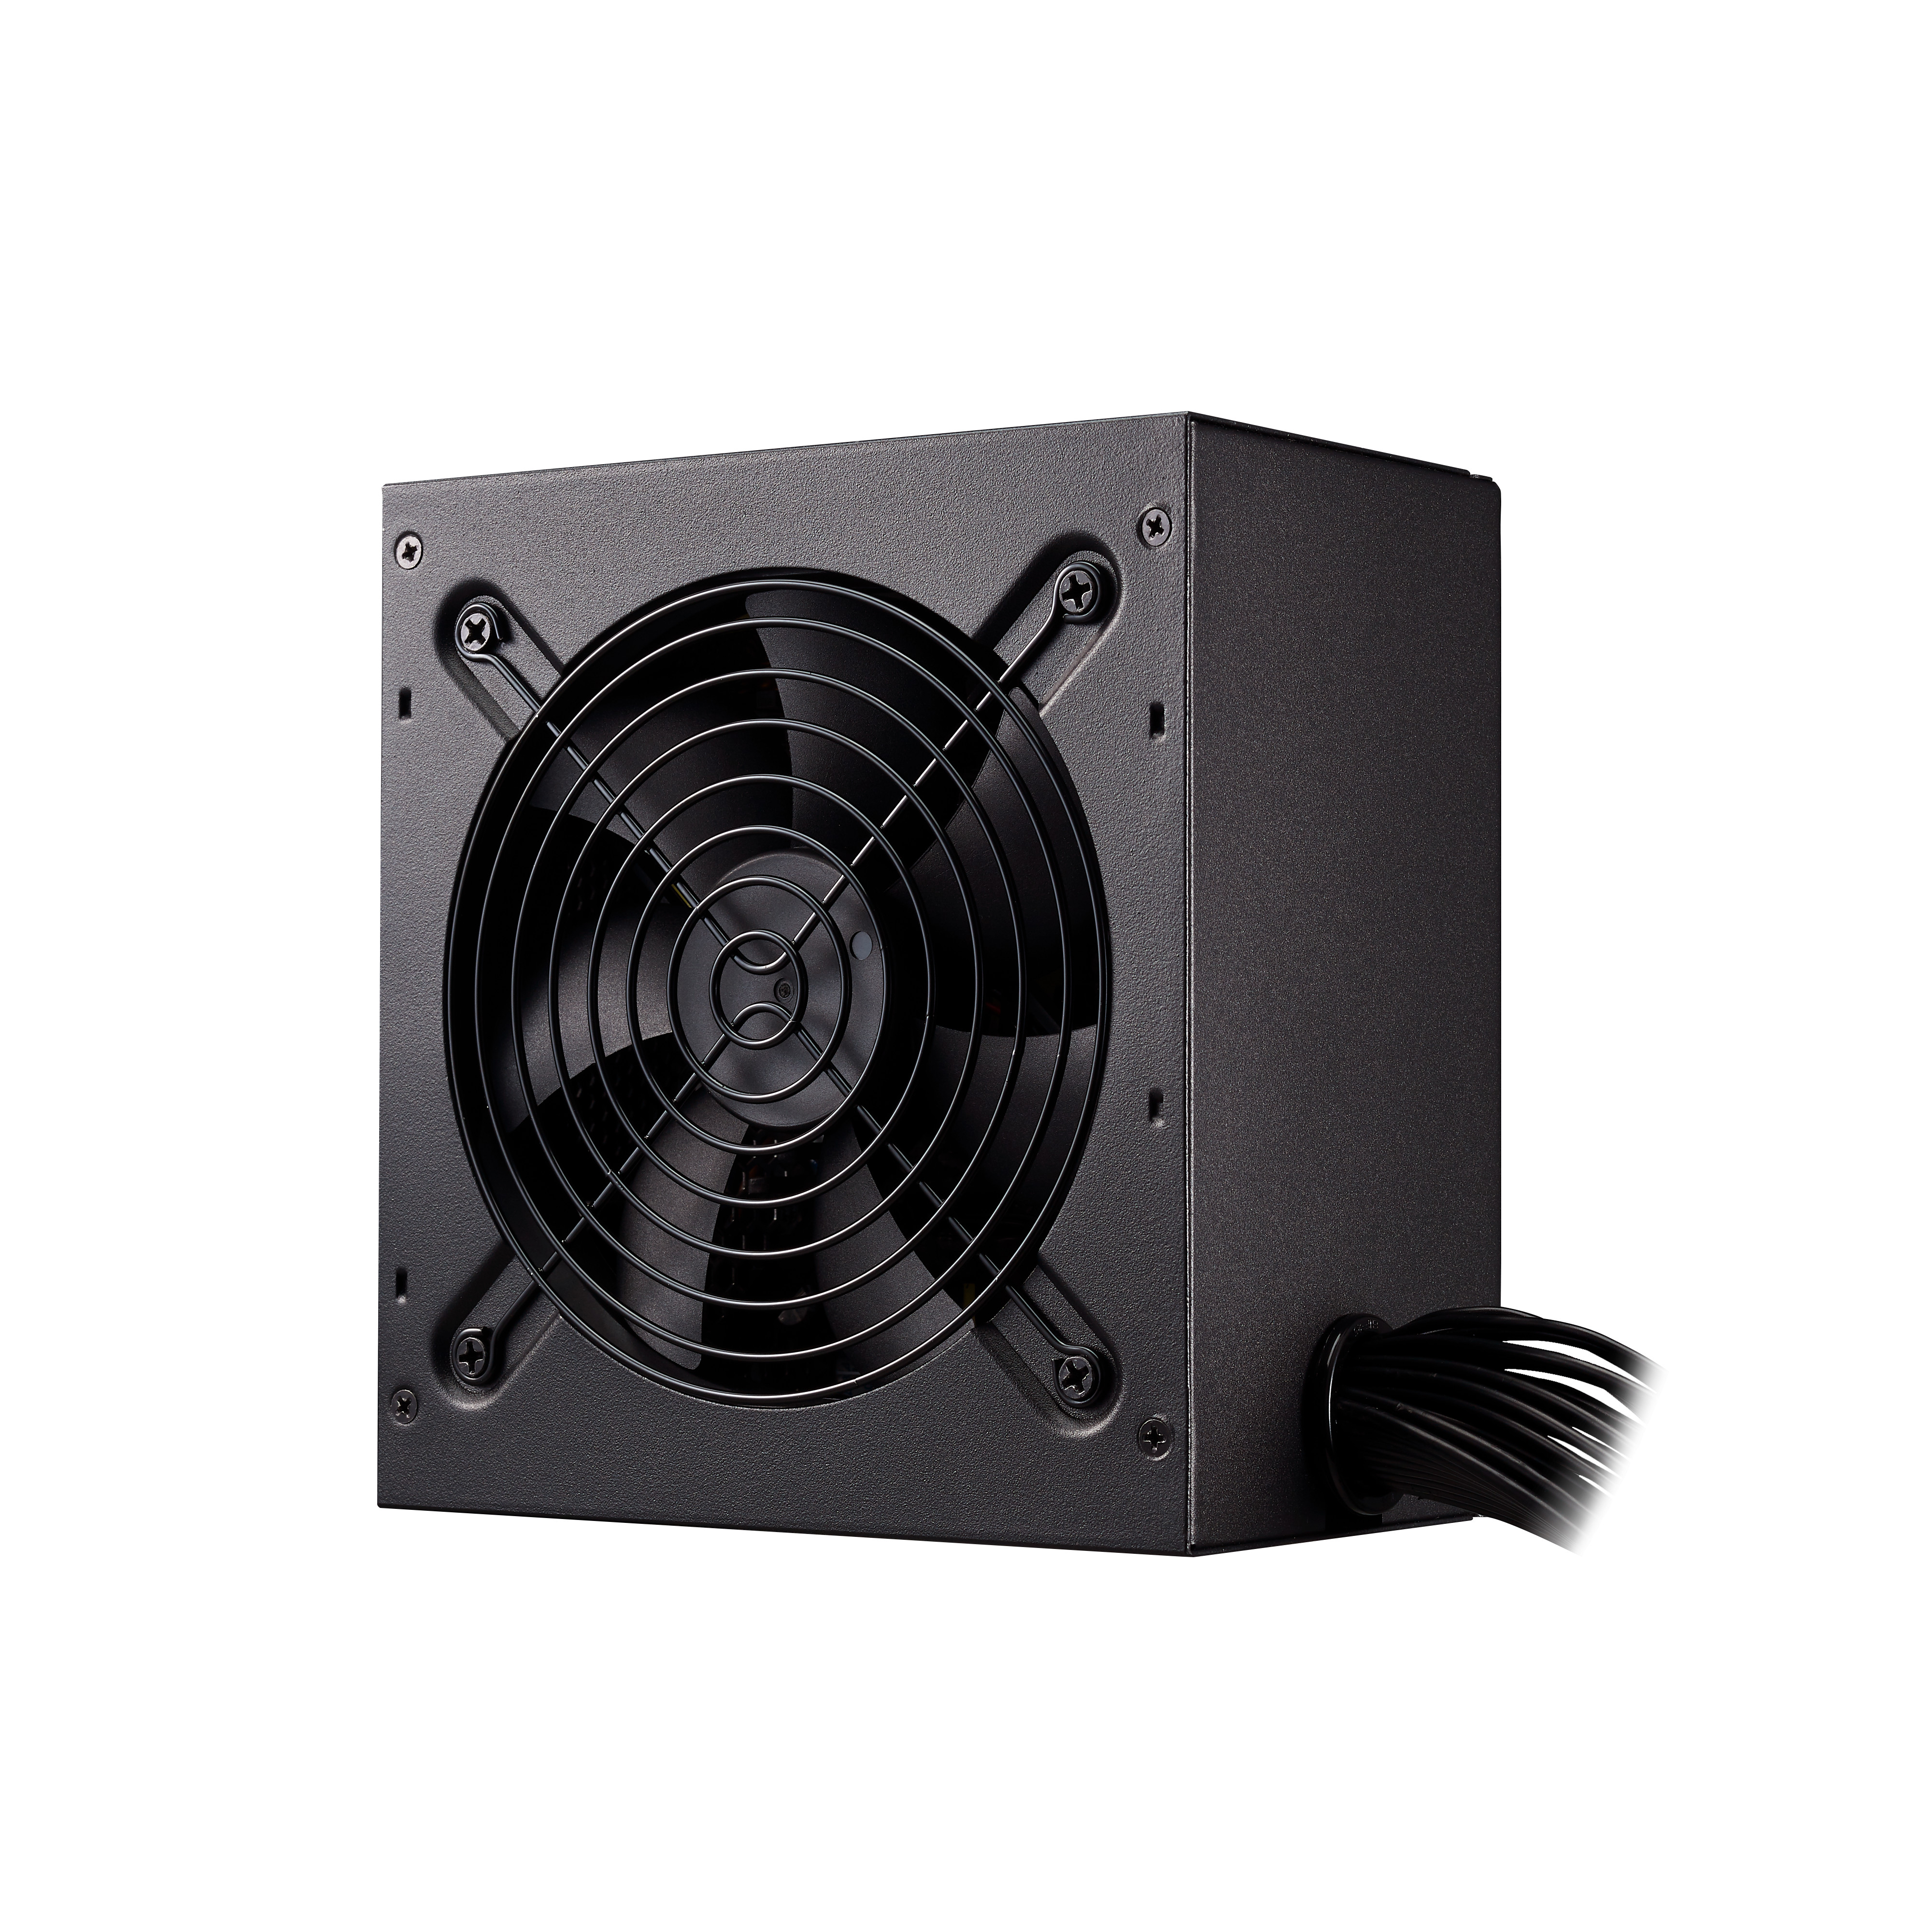 Nguồn máy tính Cooler Master  MWE 750 BRONZE V2 - 80 Plus BRONZE - Hàng chính hãng